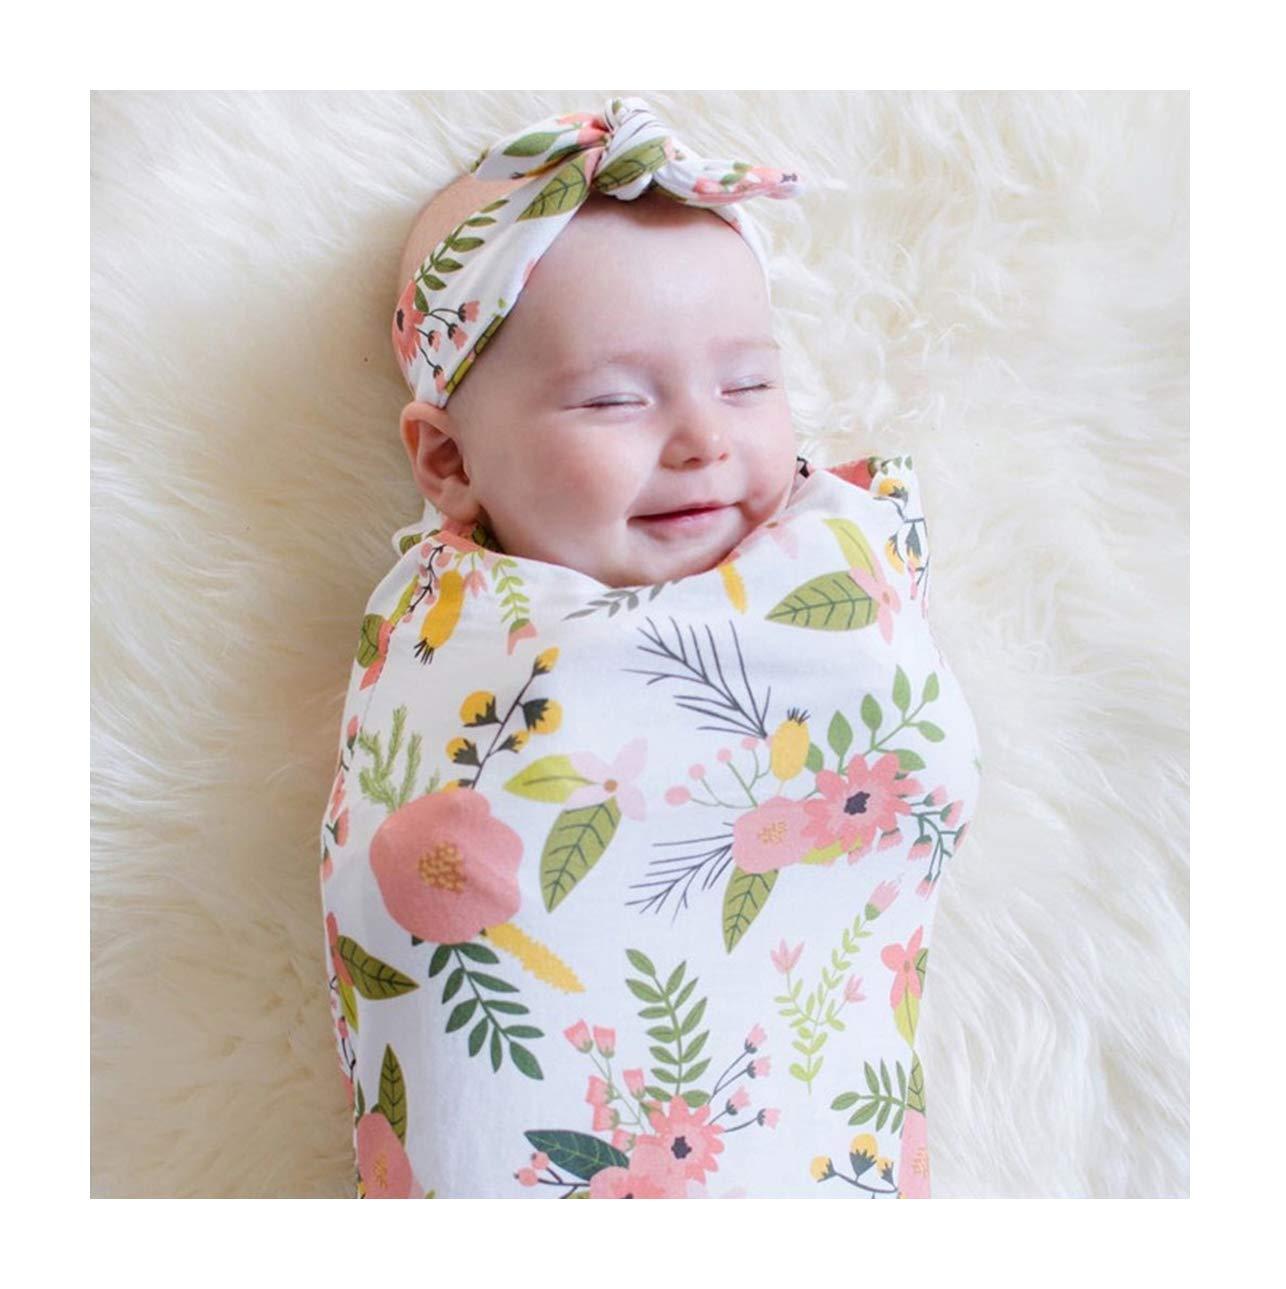 Mummyhug Bebé Recién Nacido que Recibe la Manta Swaddle Sack Print Bebé Floral Sleeping Bag bebé Recién Nacido Apoyos de la Fotografía con la Venda que Empareja (#1)